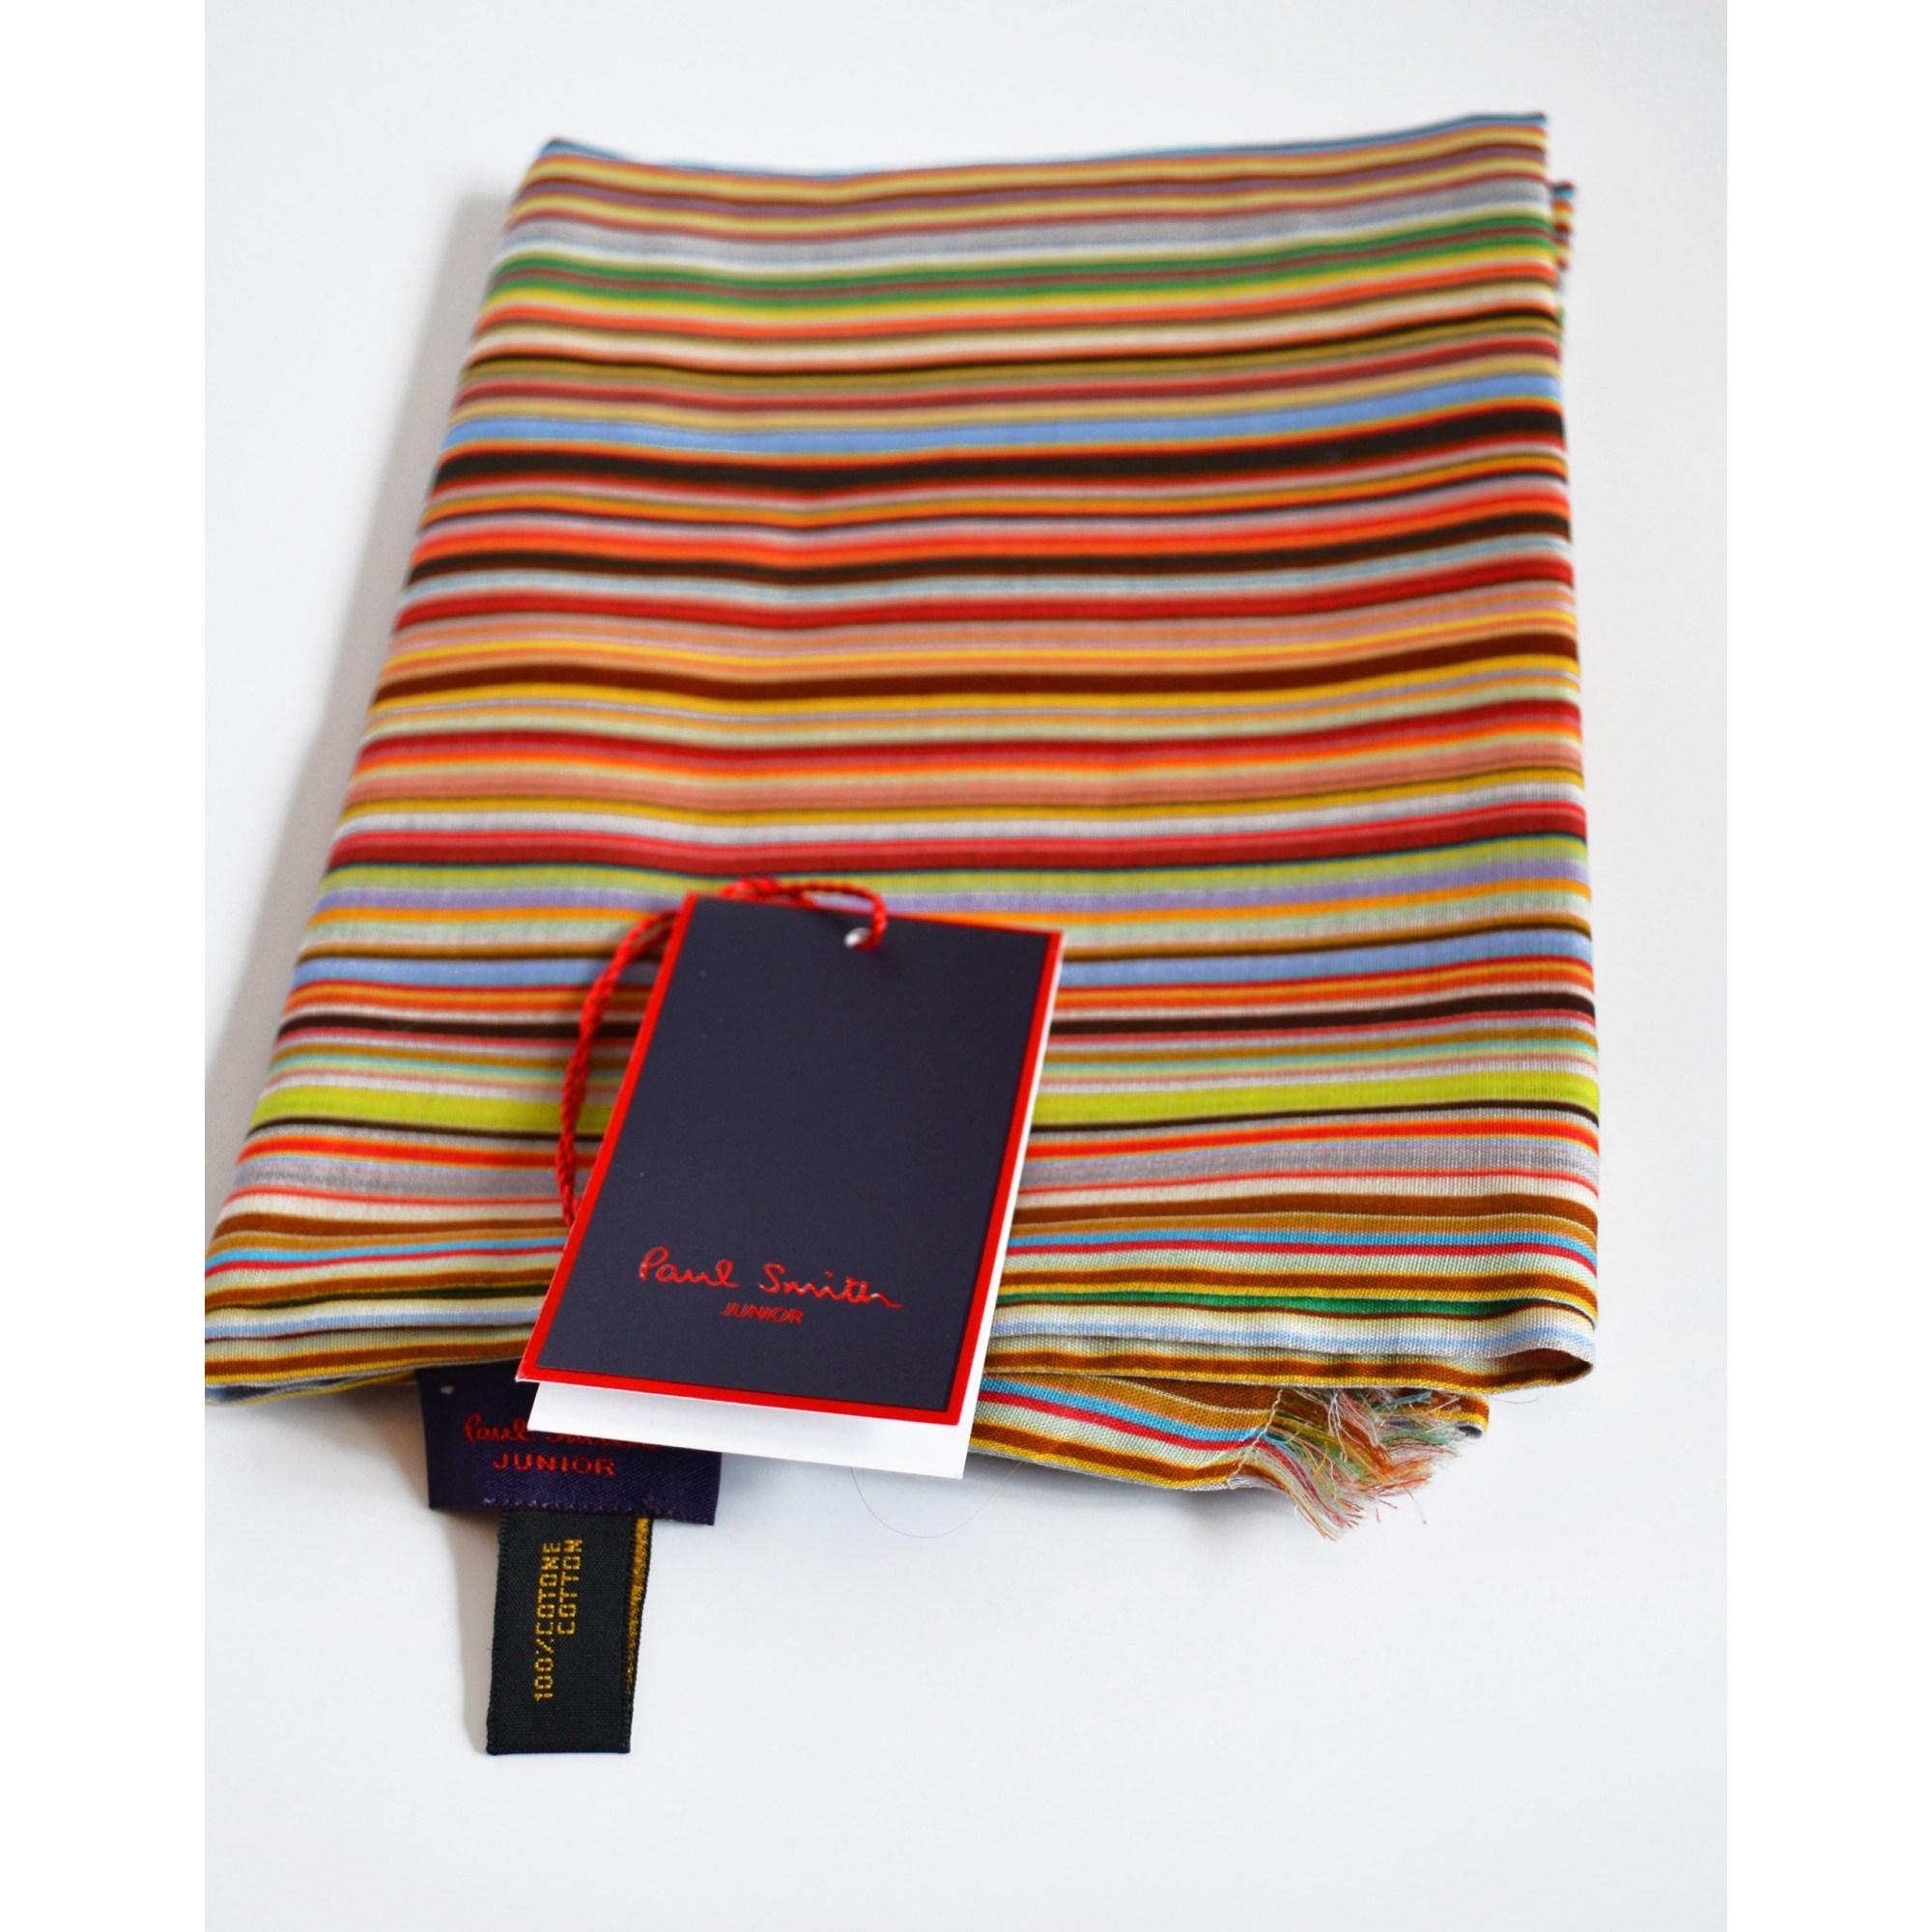 Foulard PAUL SMITH JUNIOR multicouleur vendu par Vide dressing luxe ... ad93e9dc12a